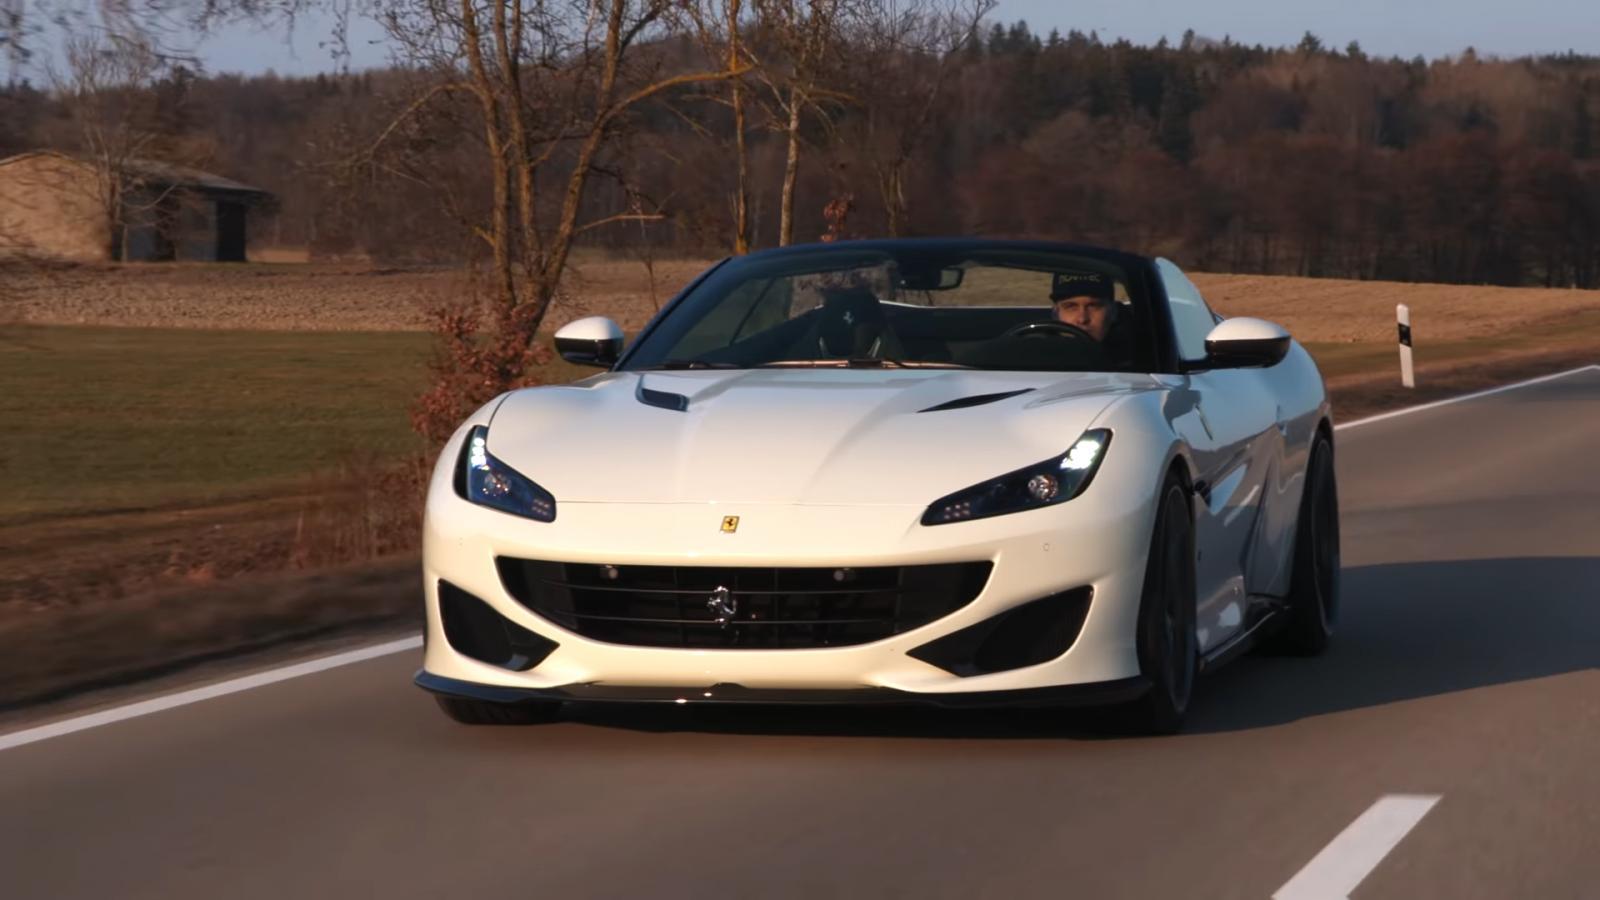 El Ferrari Portofino luce más radical y poderoso con las modificaciones estéticas realizadas por Novitec